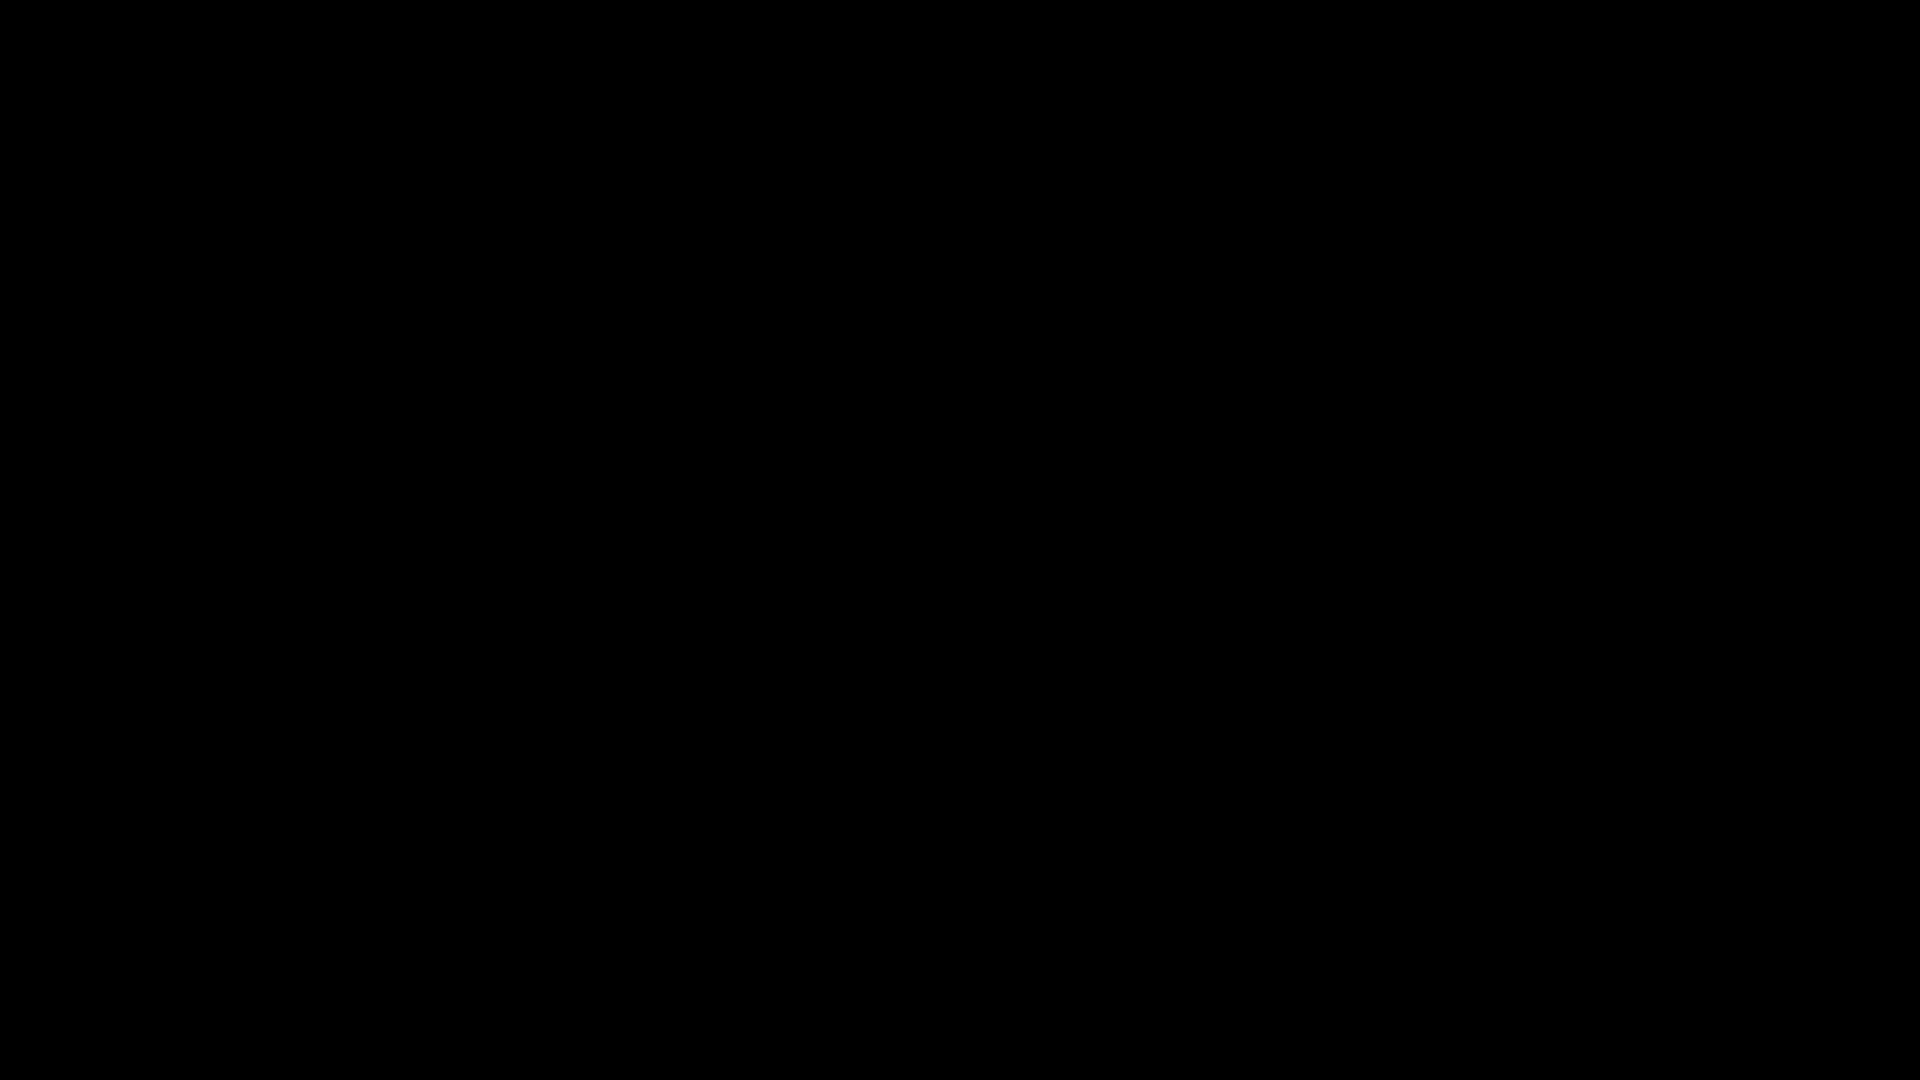 summonerswar, [3D Render] Chow Hype GIFs